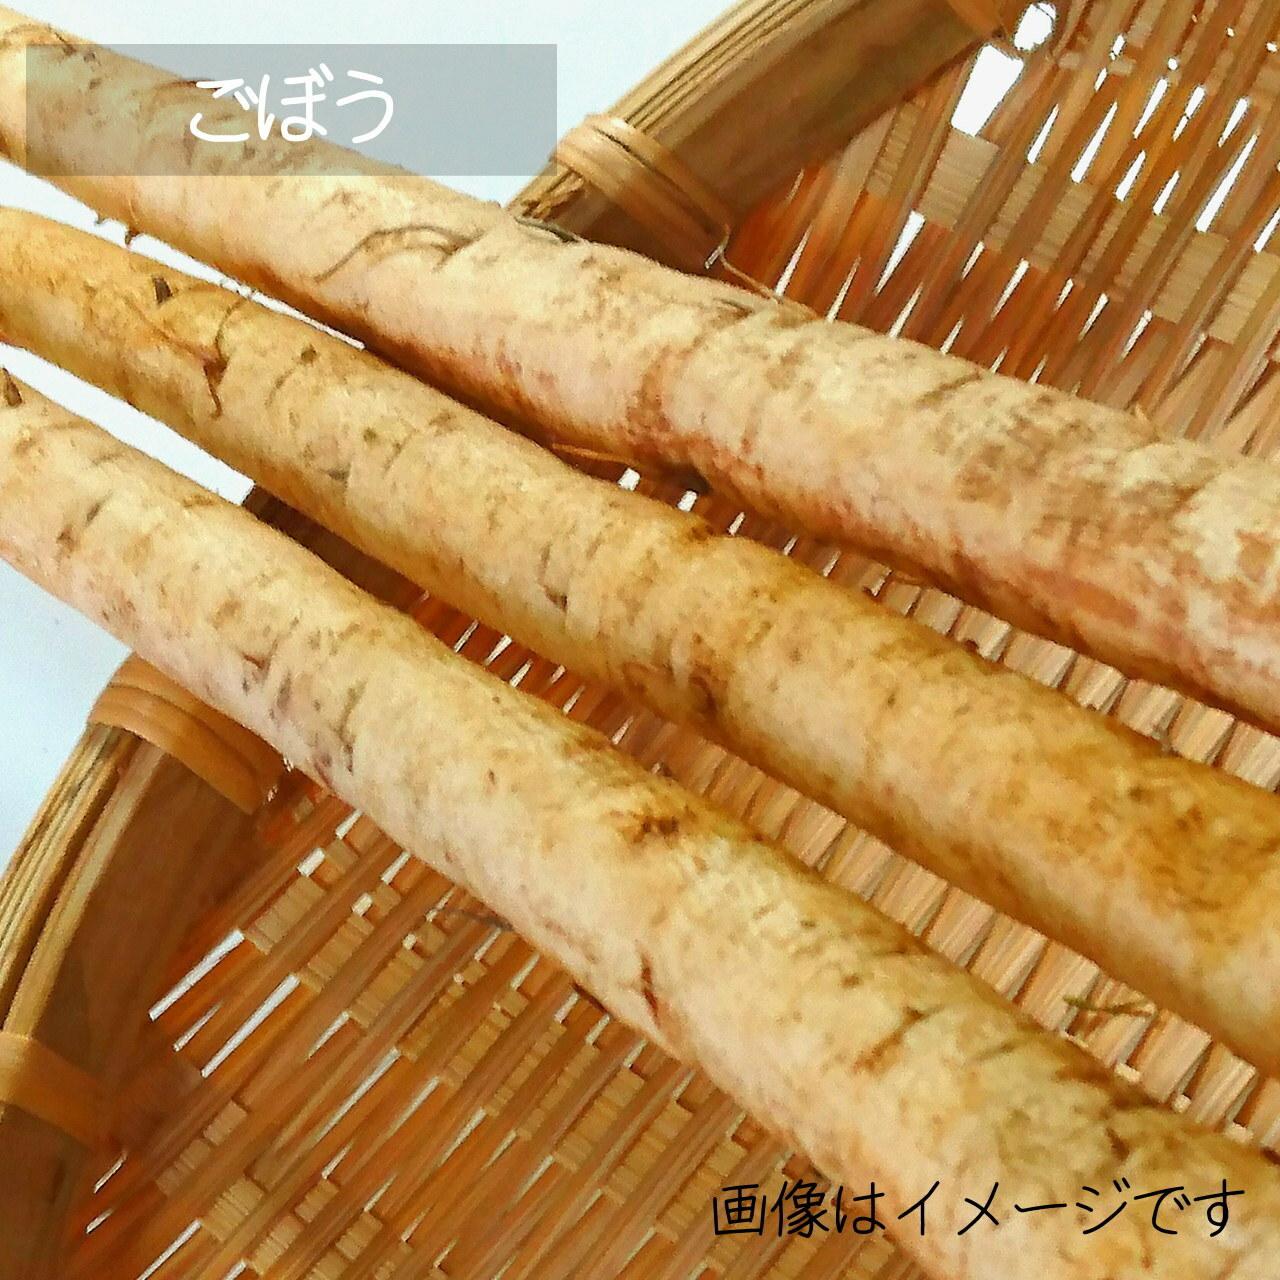 10月の朝採り直売野菜 : ゴボウ 2~3本 新鮮な秋野菜 10月19日発送予定